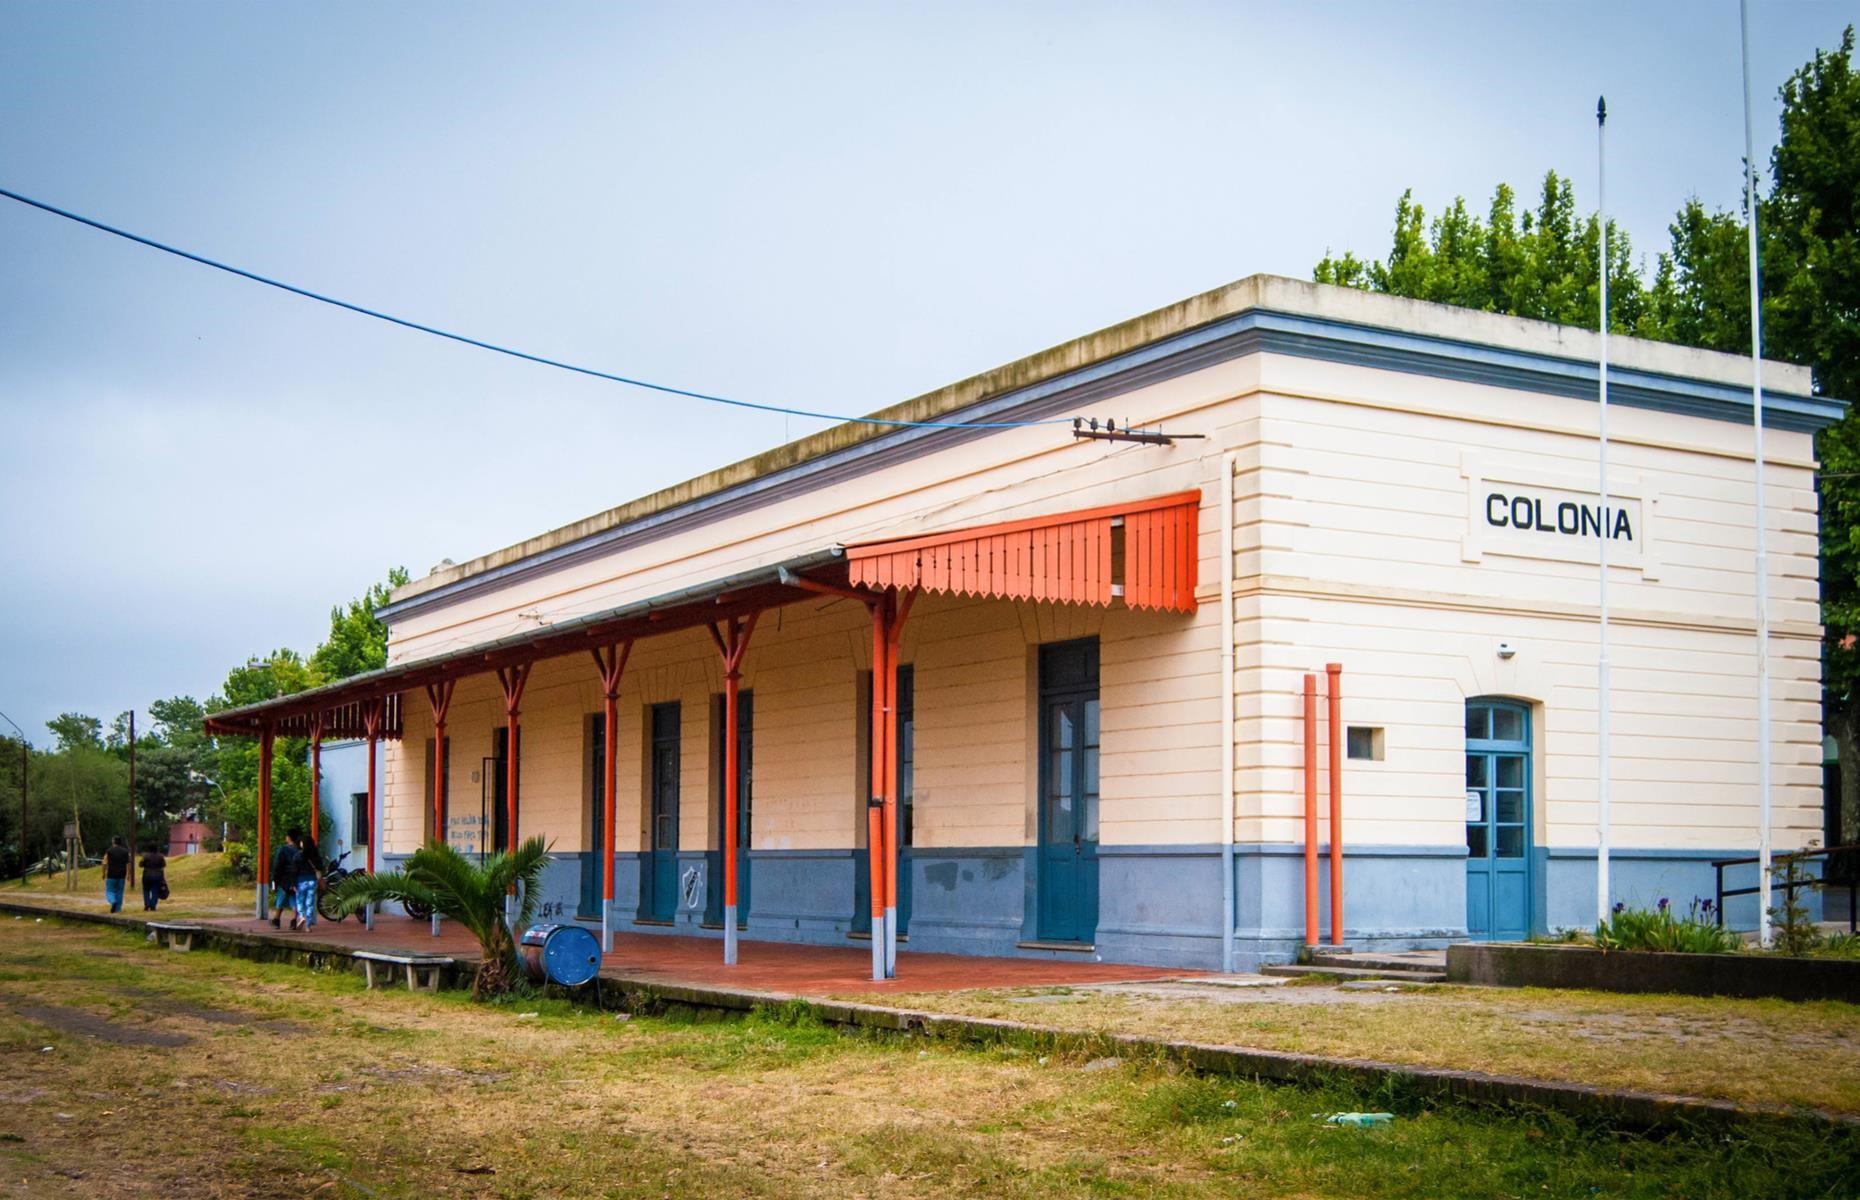 Ga xe lửa Colonia del Sacramento, Uruguay: Colonia del Sacramento là thành phố cổ nằm ở phía tây nam Uruguay, nơi được UNESCO công nhận là Di sản Thế giới. Trong số các tòa nhà cổ kính của thành phố có một ga xe lửa bỏ hoang với tường bên ngoài phai màu cùng những đường ray cỏ mọc um tùm. Nhìn từ xa, nhà ga vẫn giữ được nét tươi mới như thời còn hoạt động.